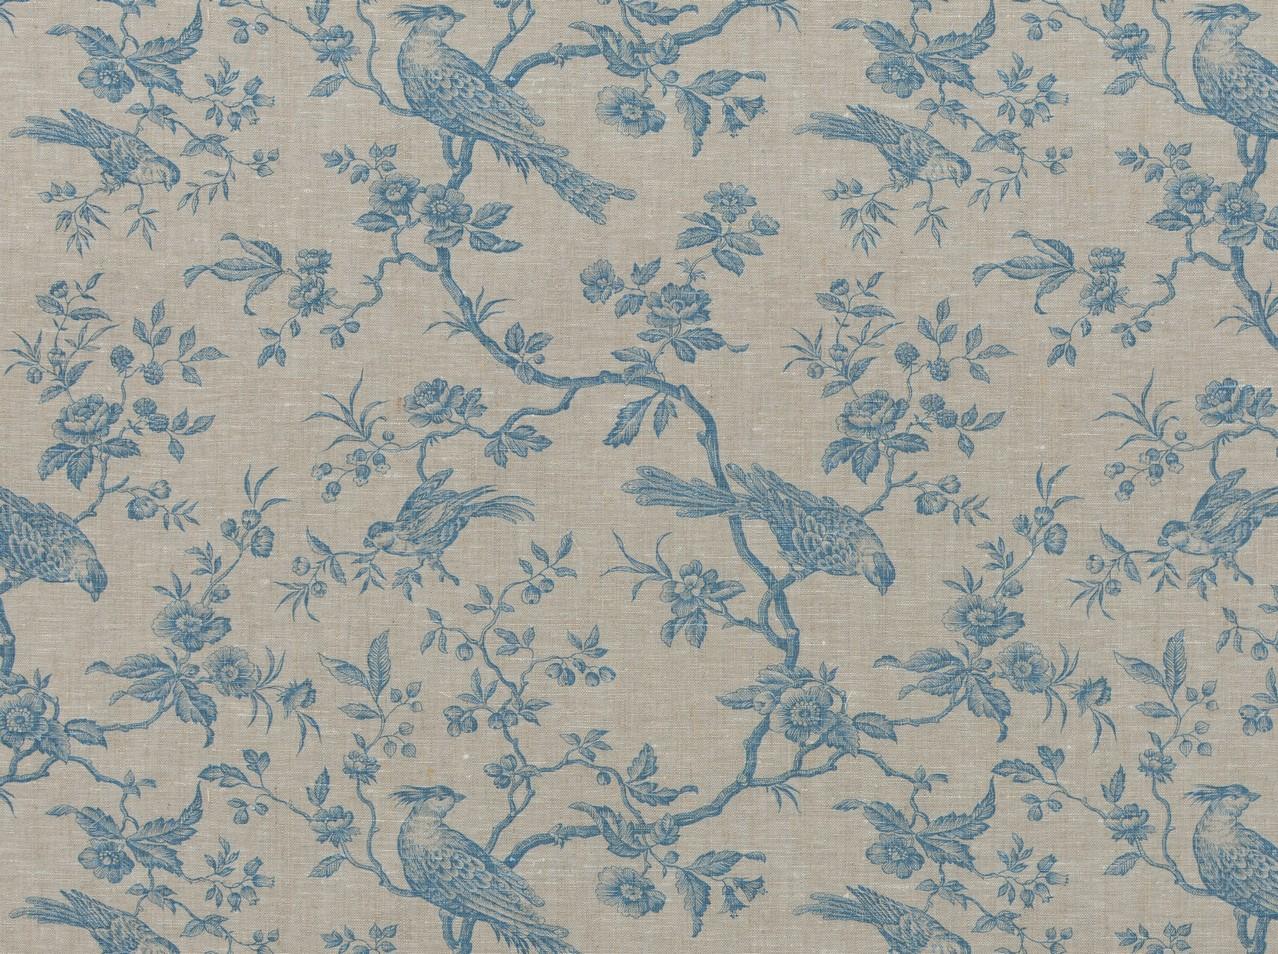 Heirloom Prints Hl mesange Linen